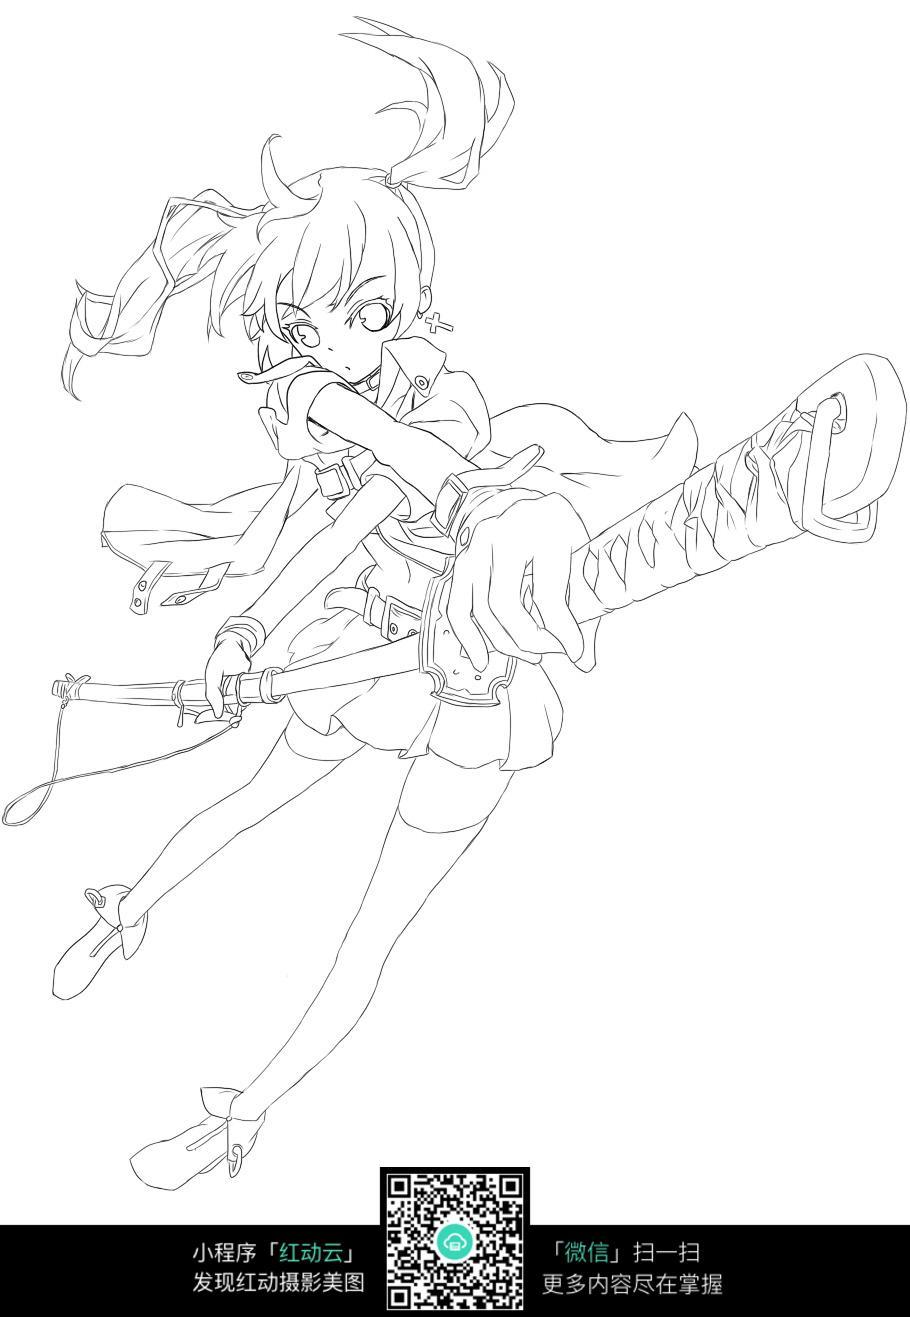 刀和少女卡通手绘线稿